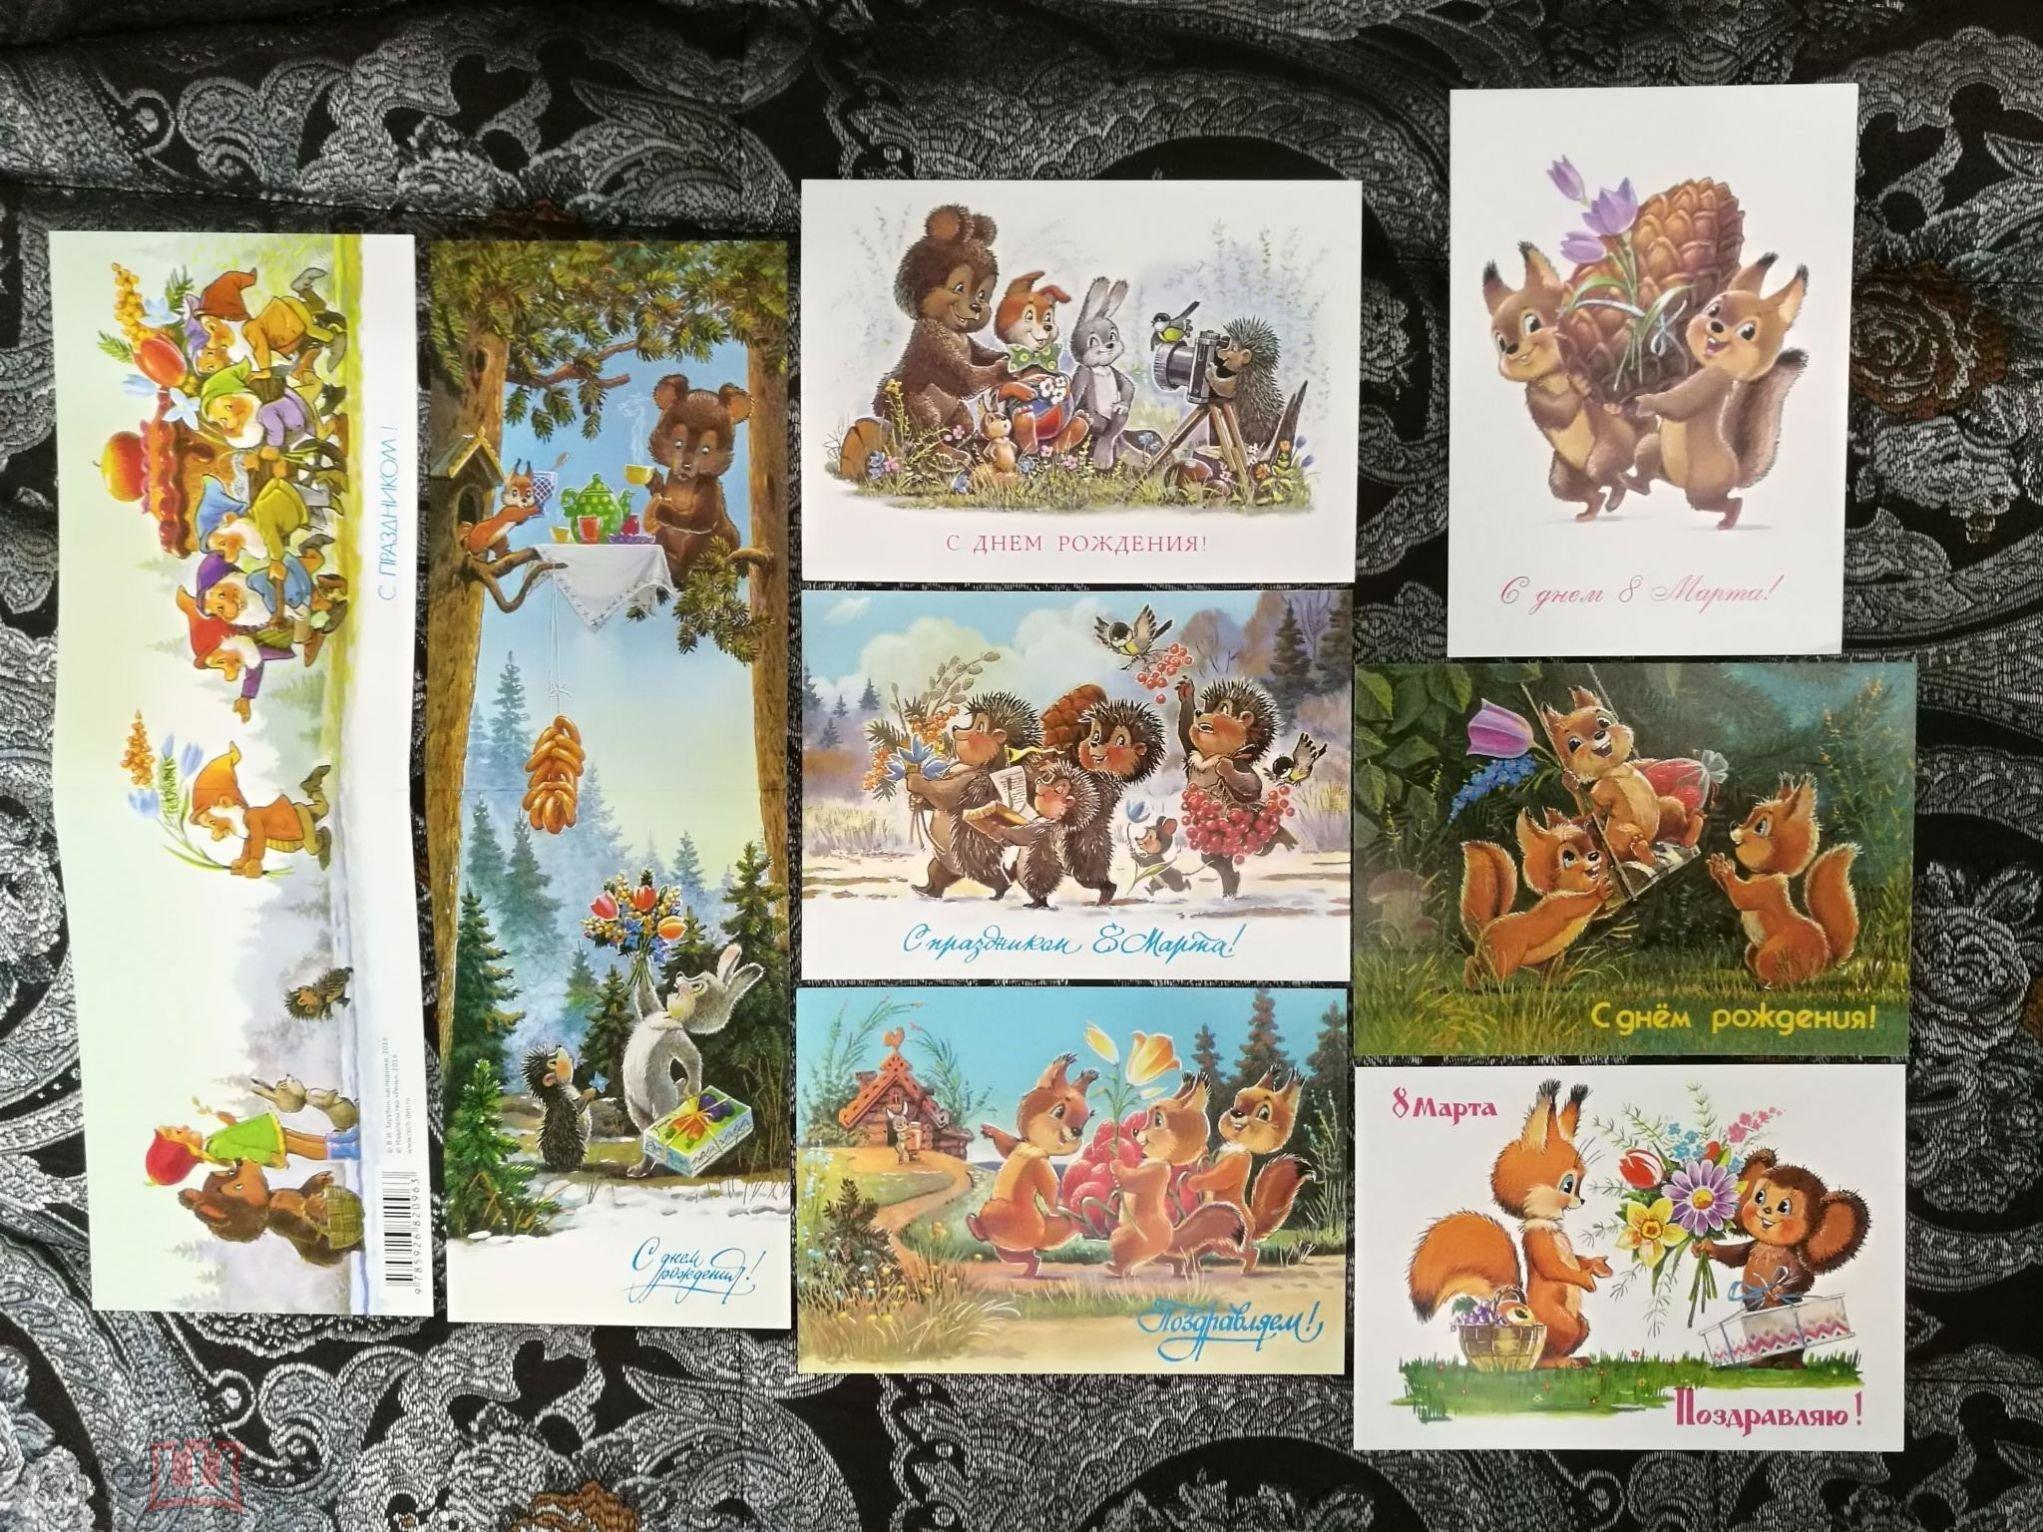 Зарубин в.и счастливого нового года набор открыток, месяцем